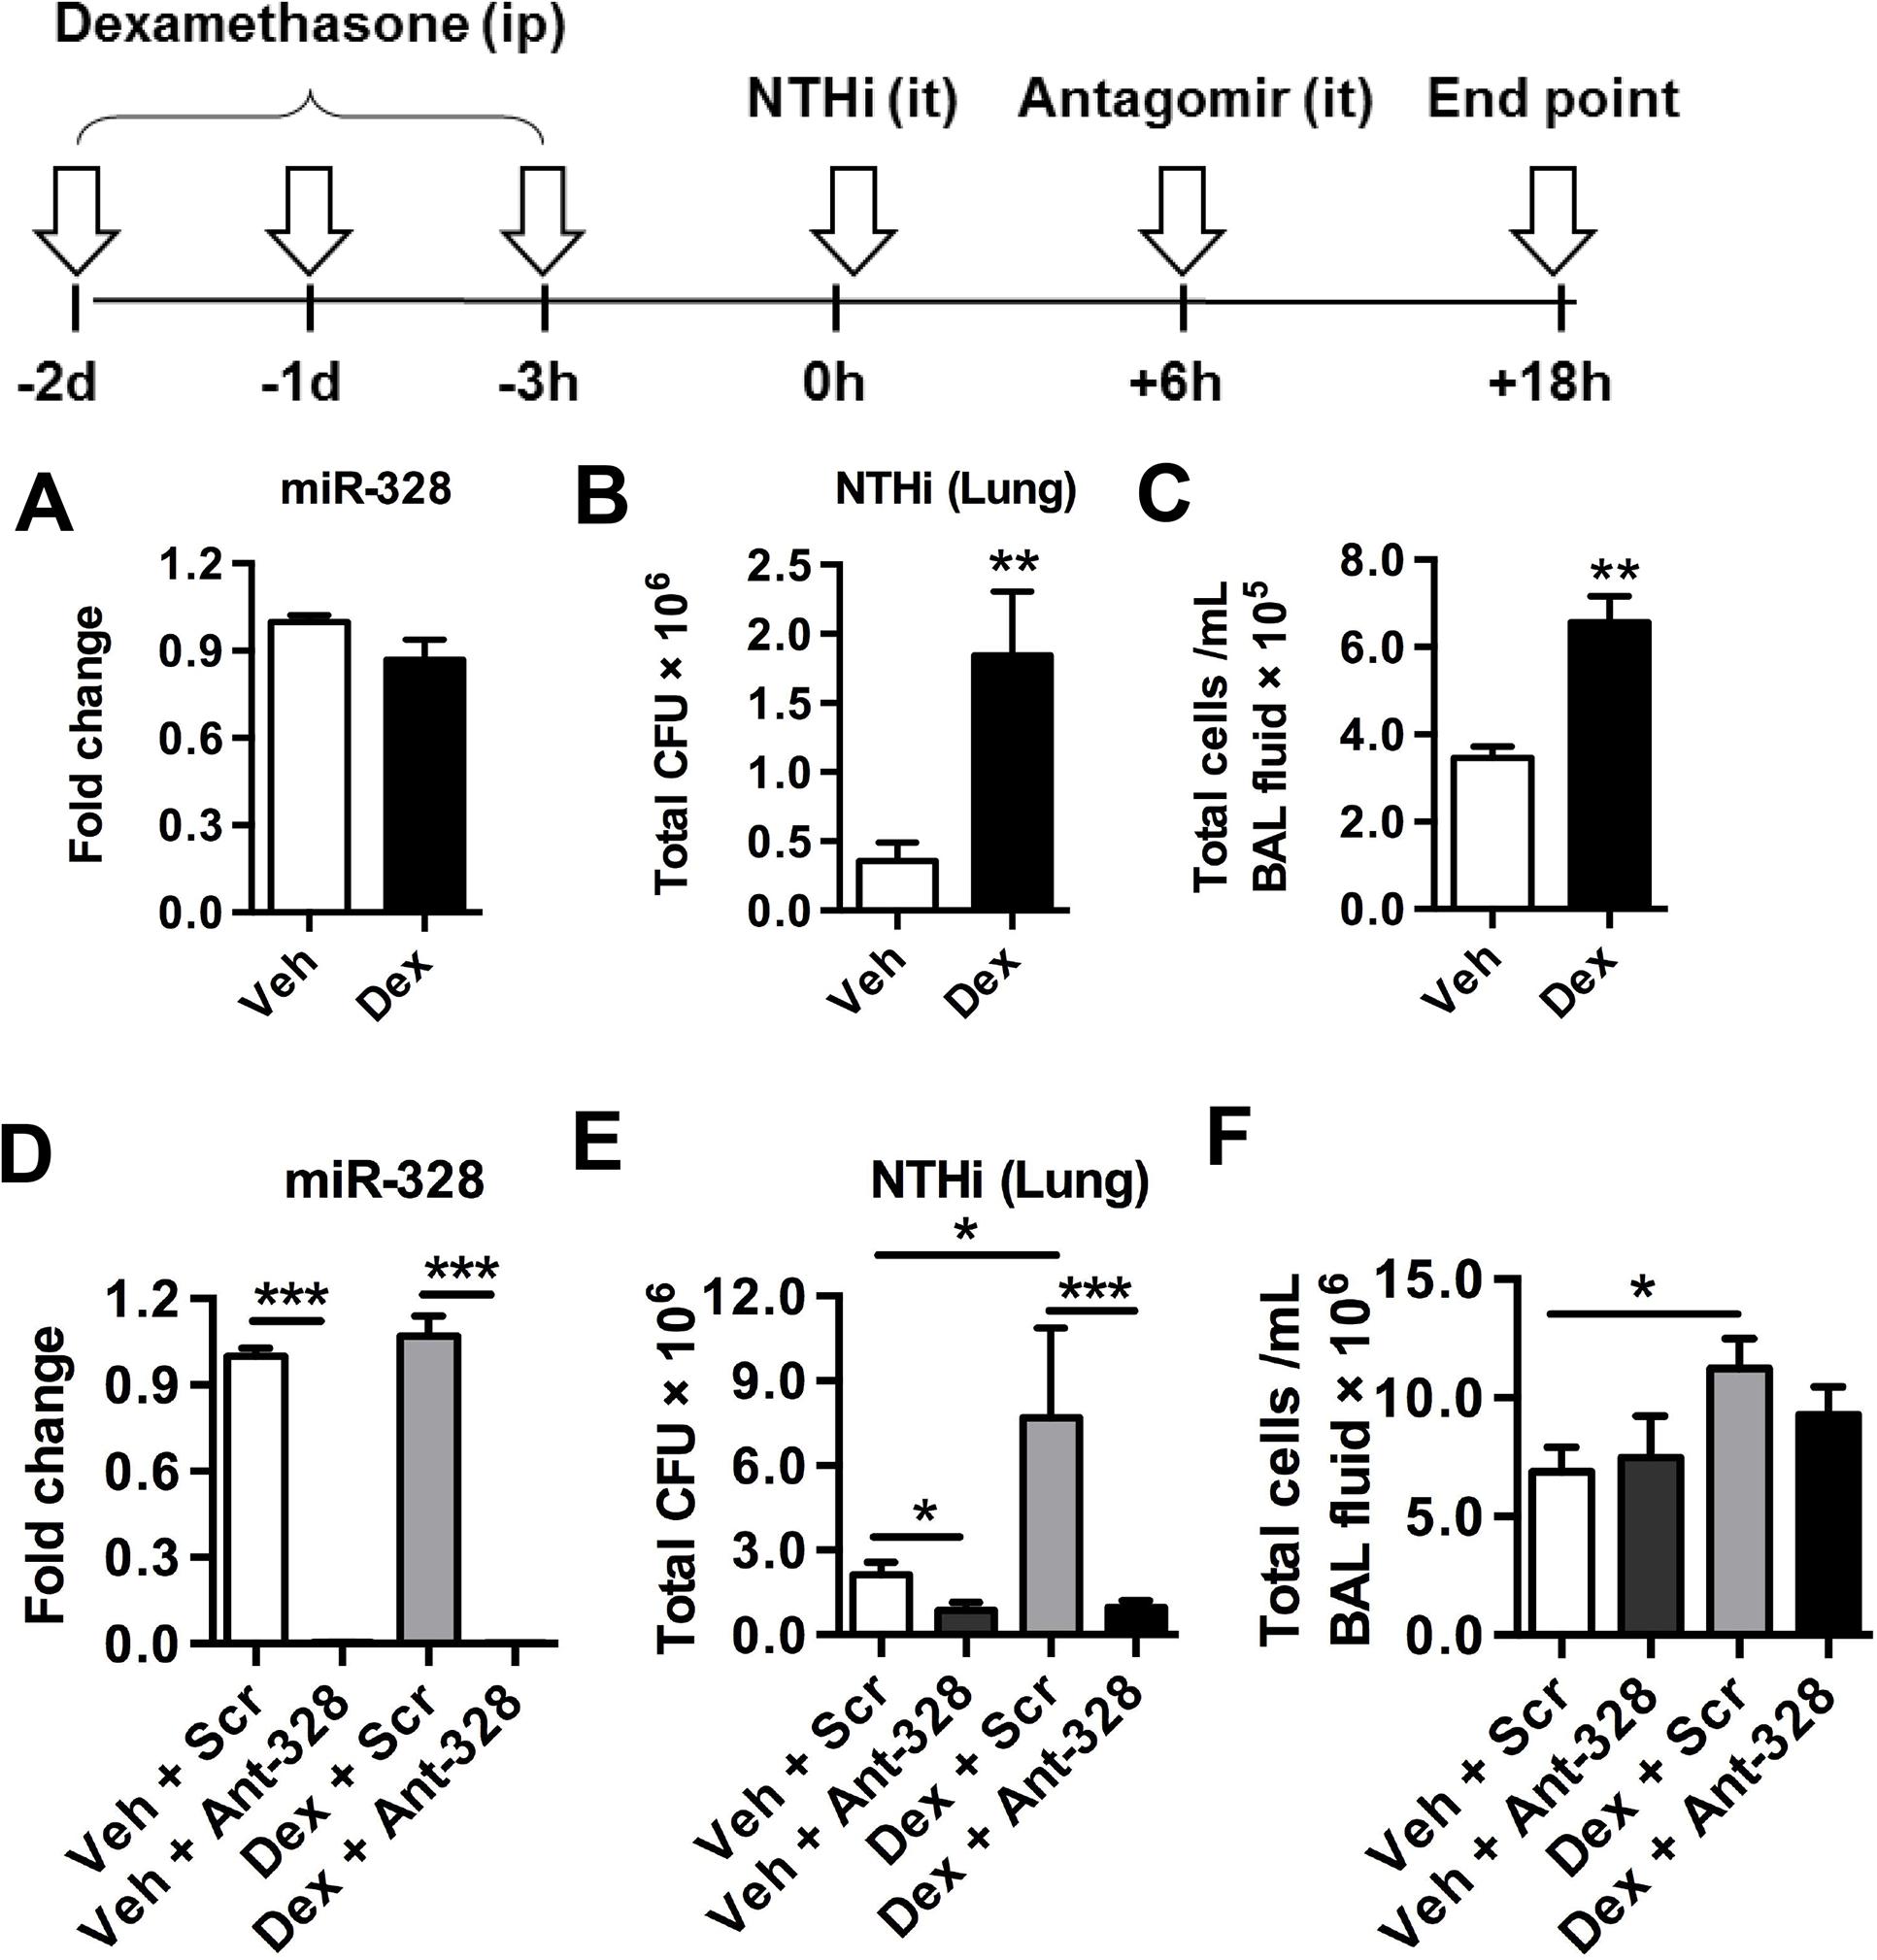 Inhibiting miR-328 enhances bacterial clearance in dexamethasone-mediated immune suppressed mice.